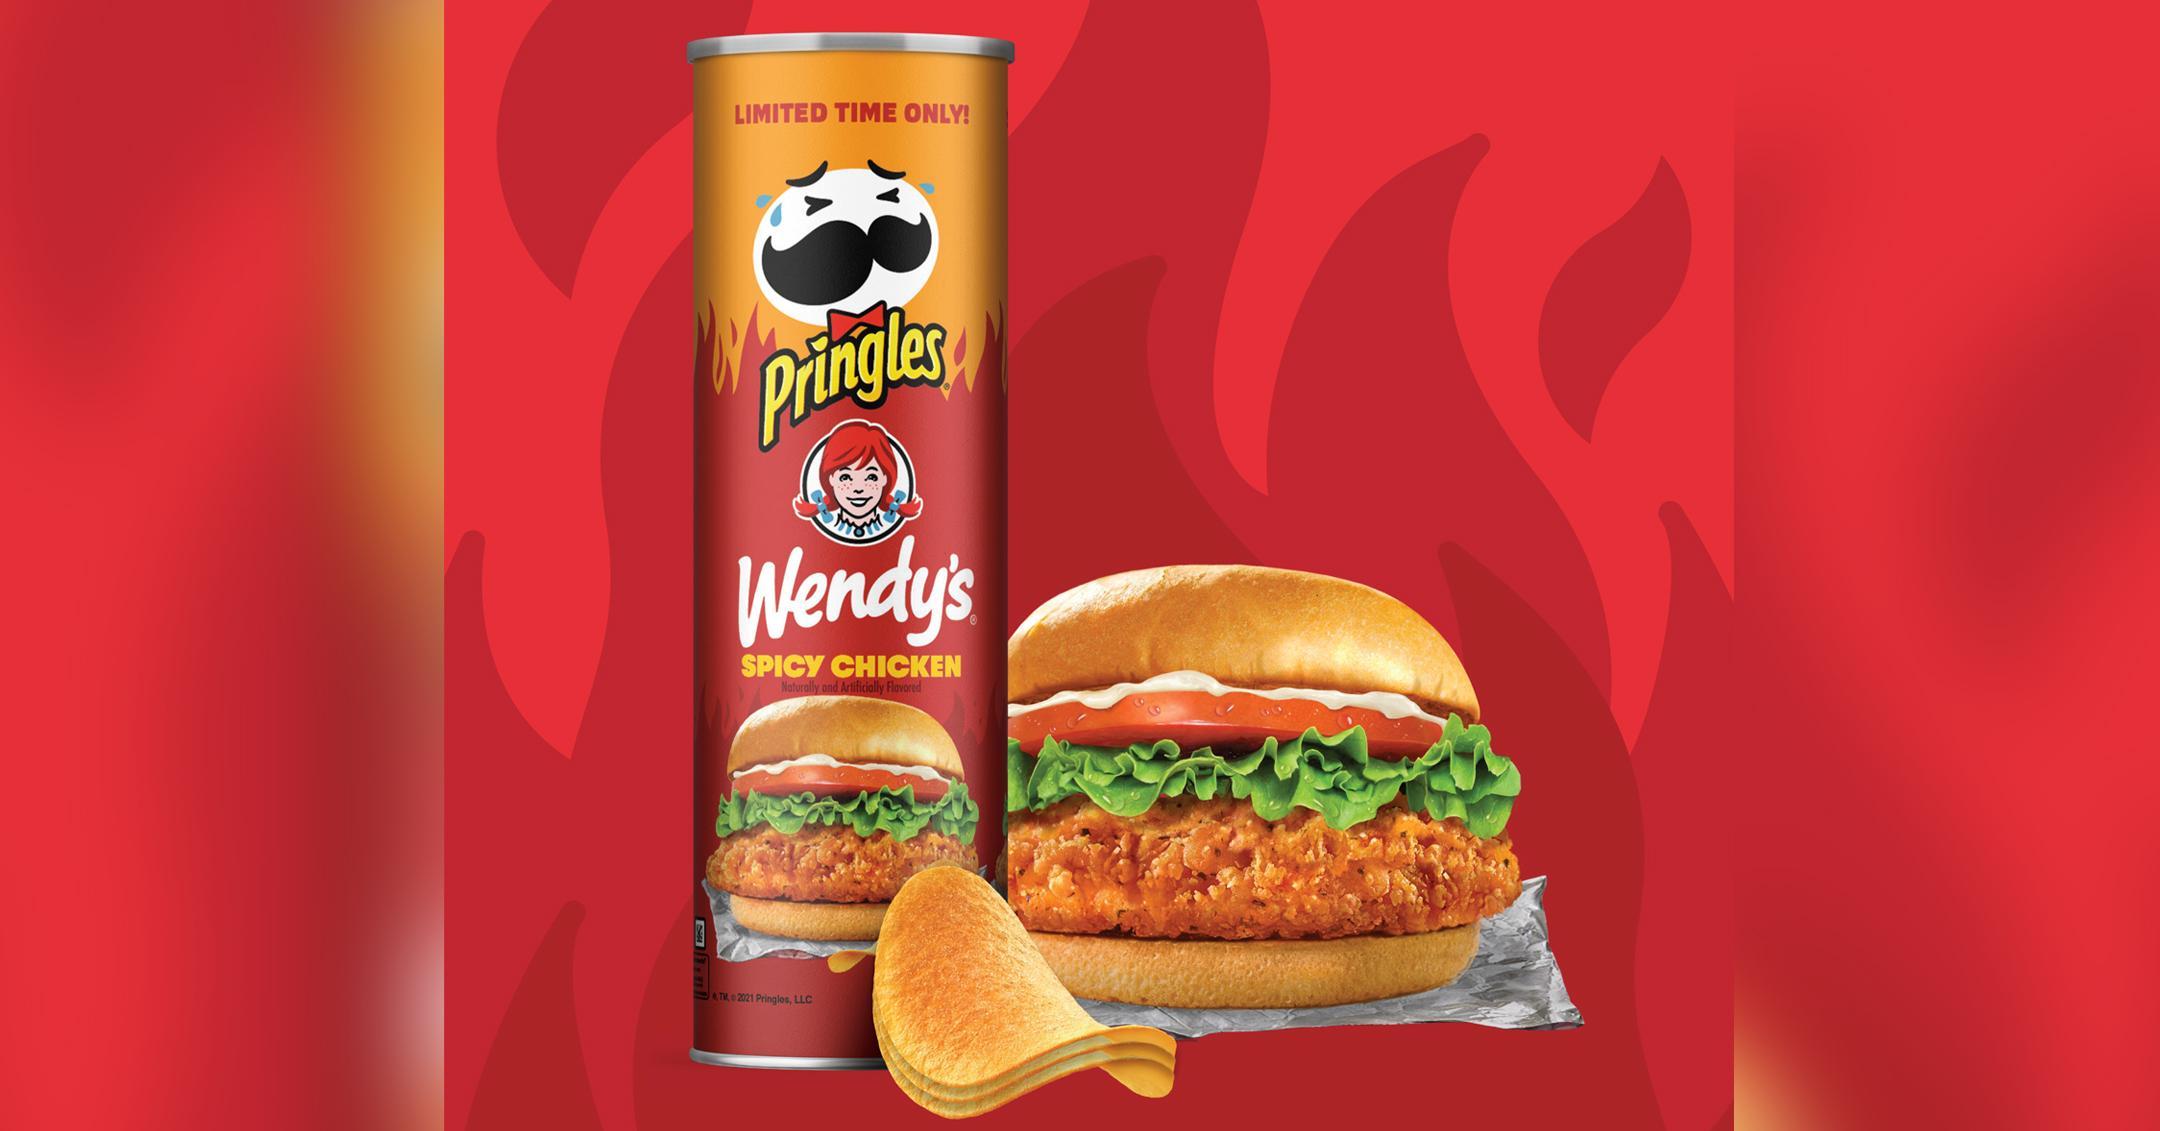 the newest pringles flavor wendys spicy chicken sandwich